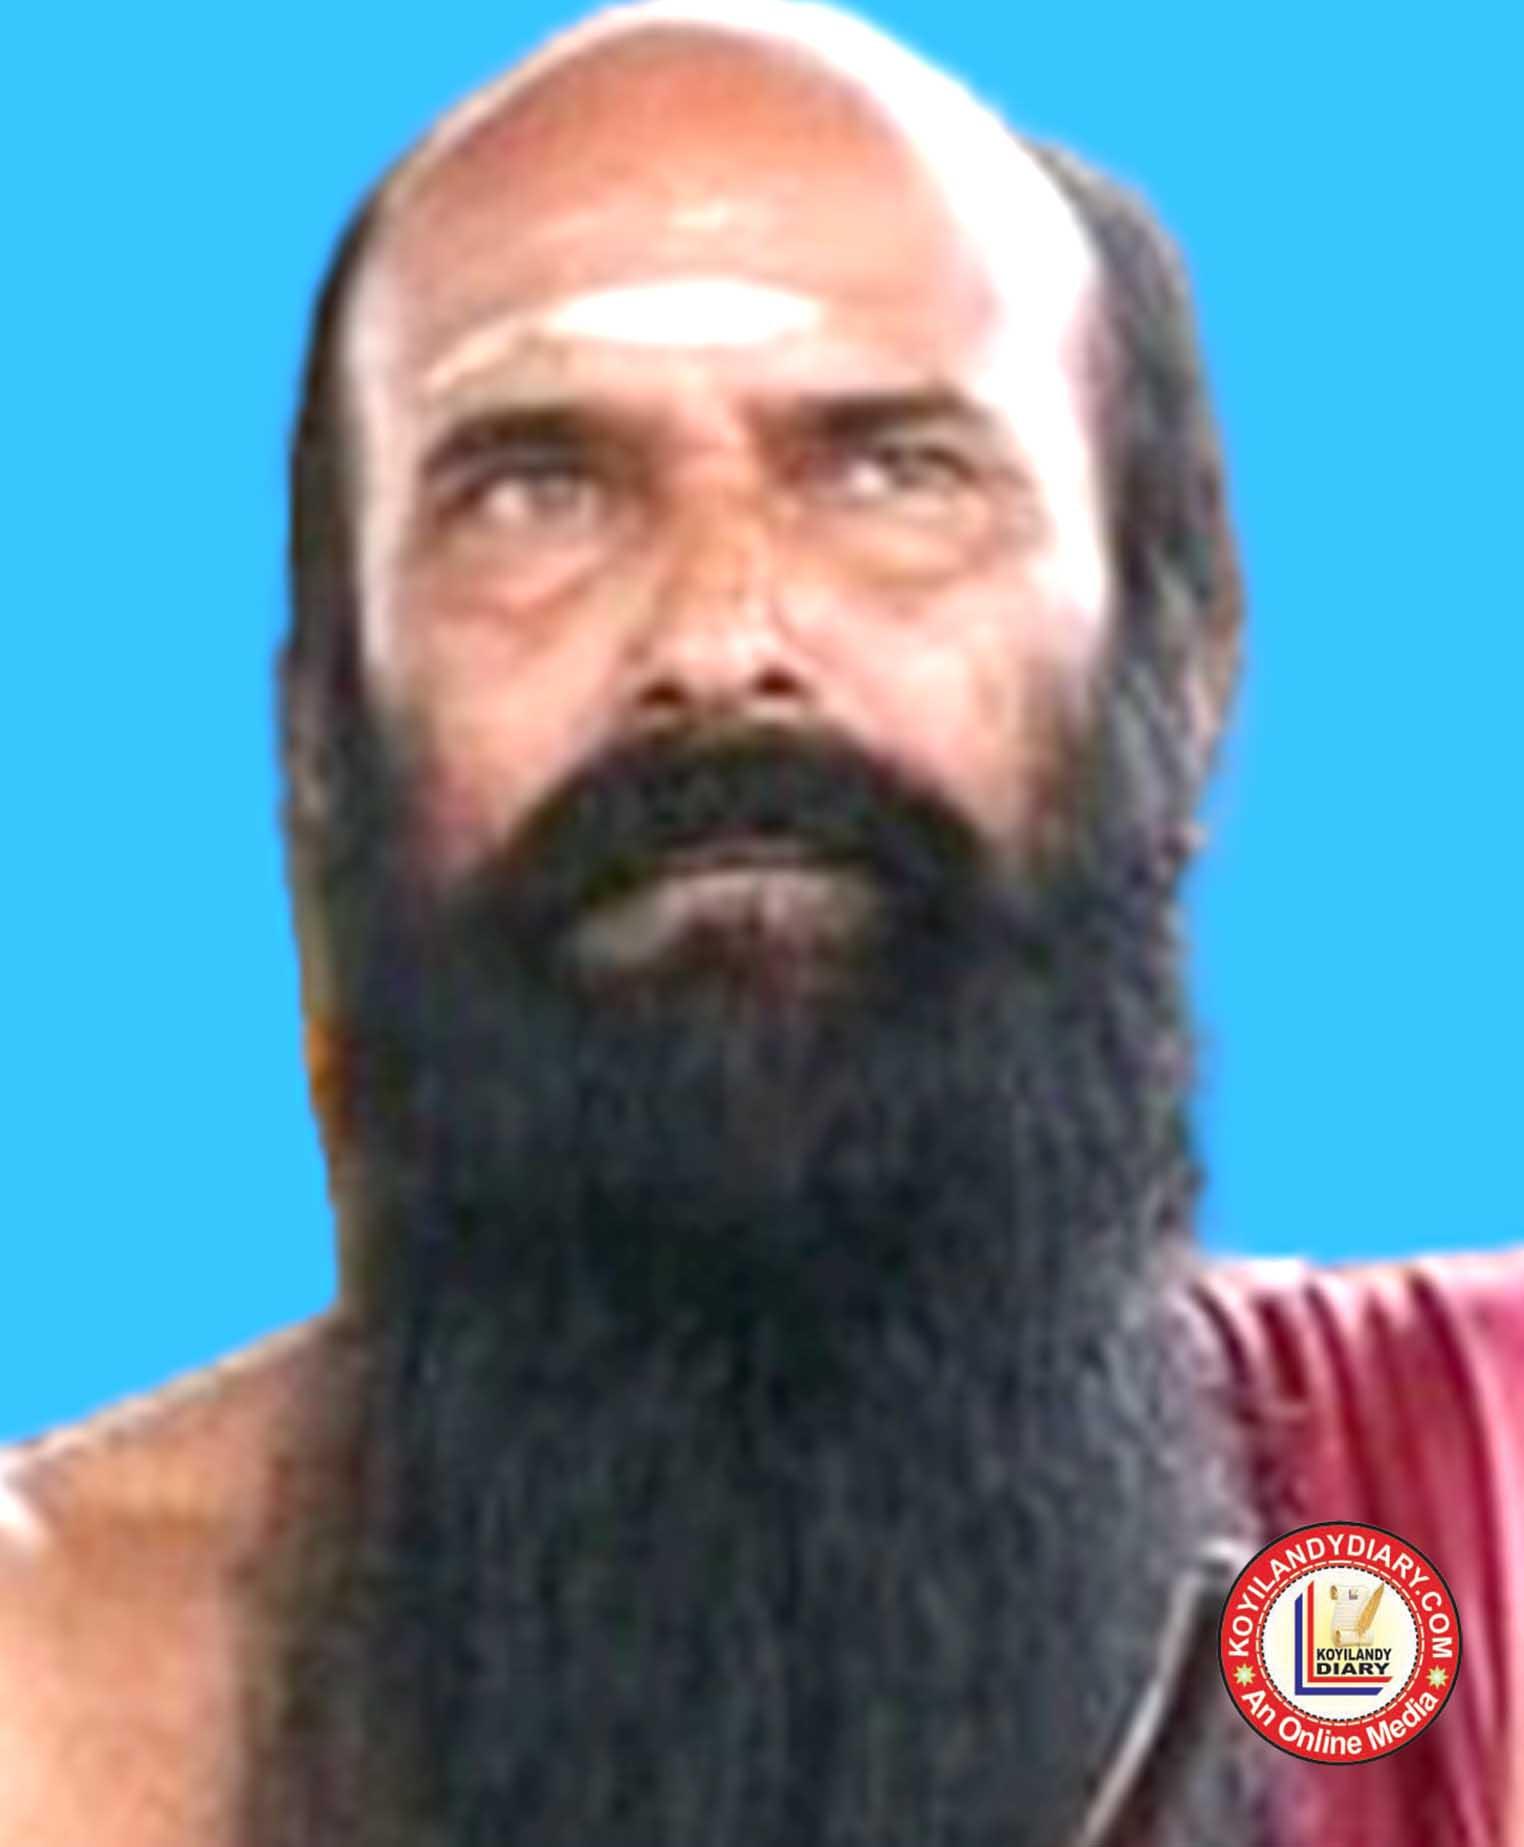 കൊയിലാണ്ടി ചെറിയമങ്ങാട് തെക്കേത്തലപ്പറമ്പിൽ പ്രകാശൻ (61)